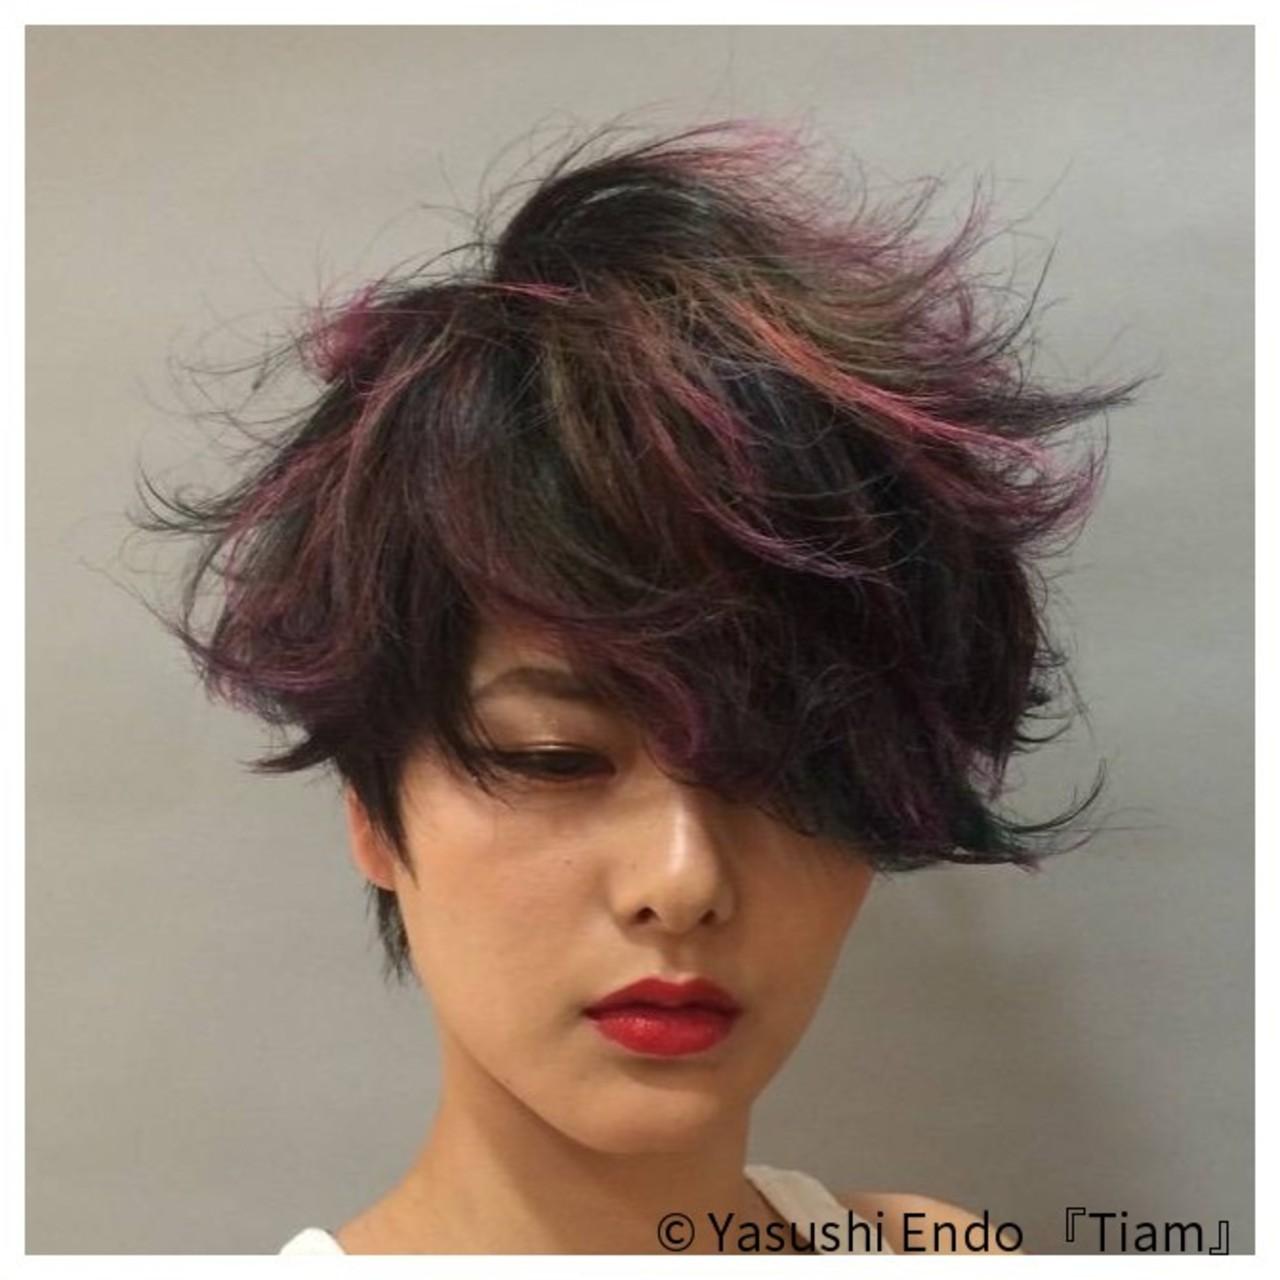 ブリーチオンカラー ボブ イルミナカラー ショートボブ ヘアスタイルや髪型の写真・画像